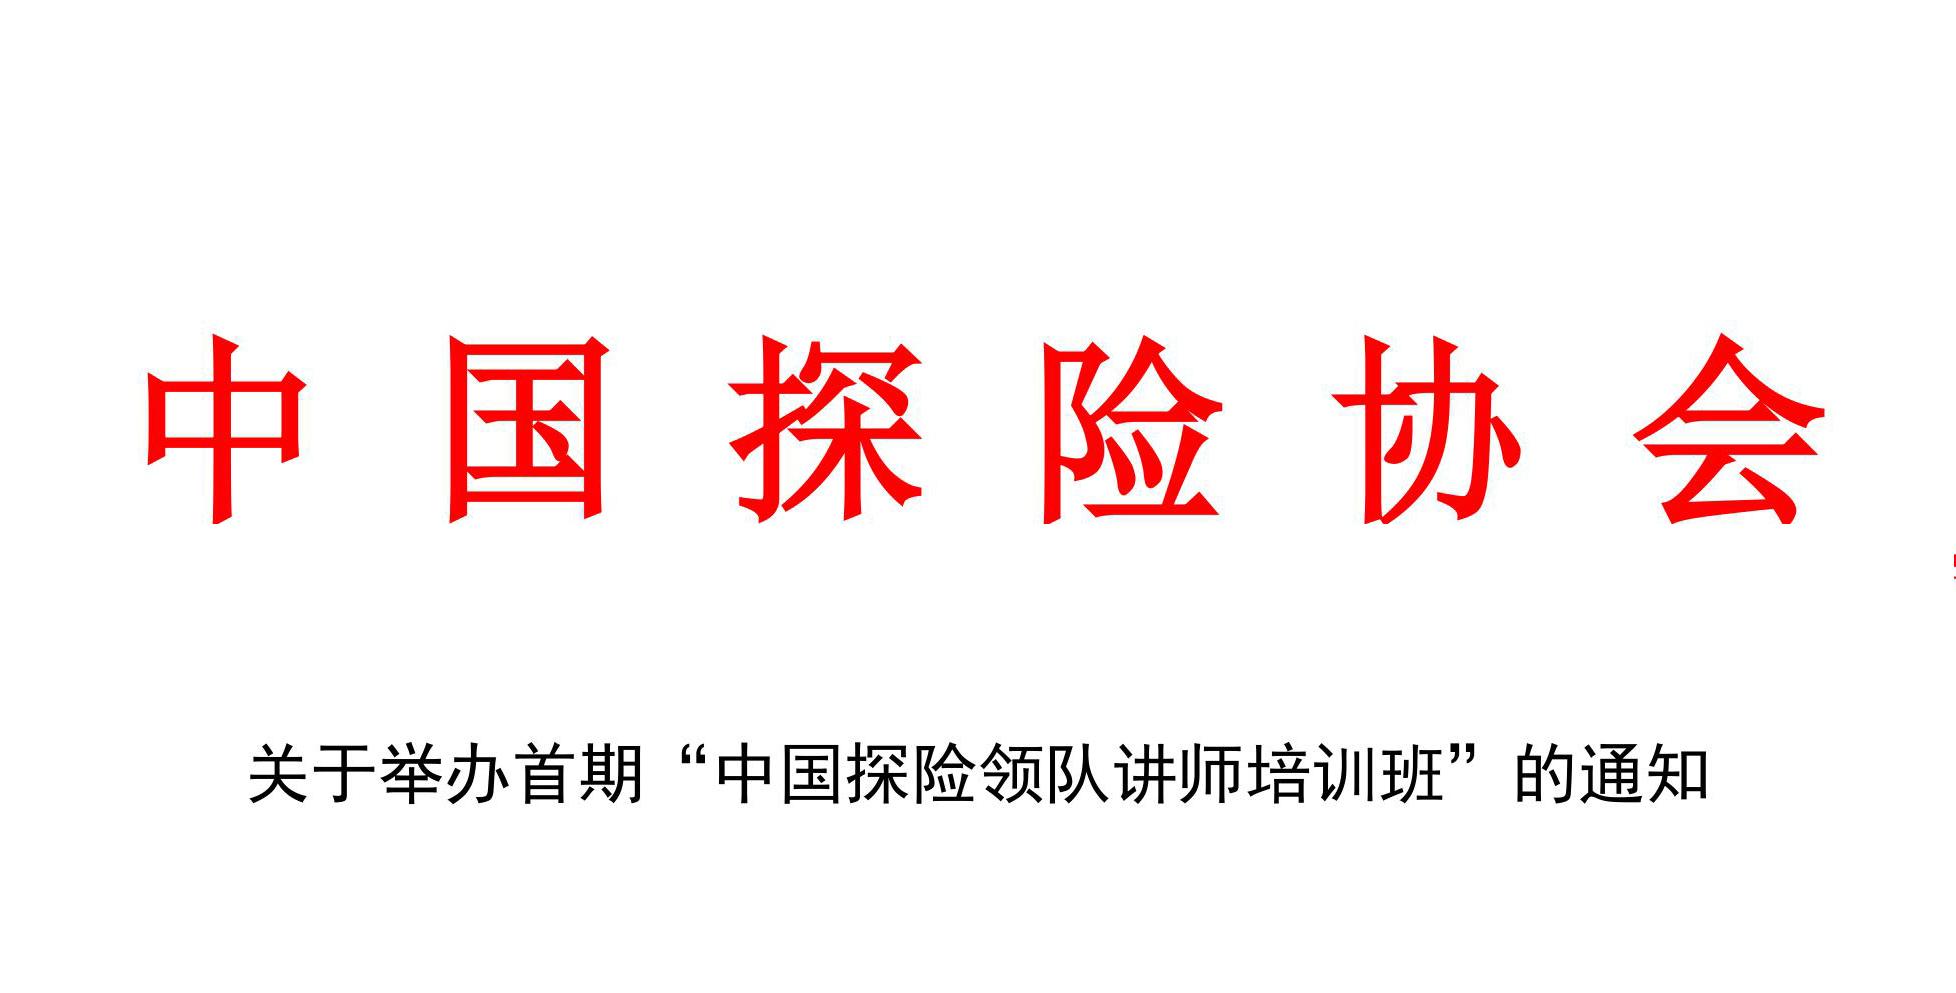 """中国探险协会关于举办首期""""中国探险领队讲师培训班""""的通知"""